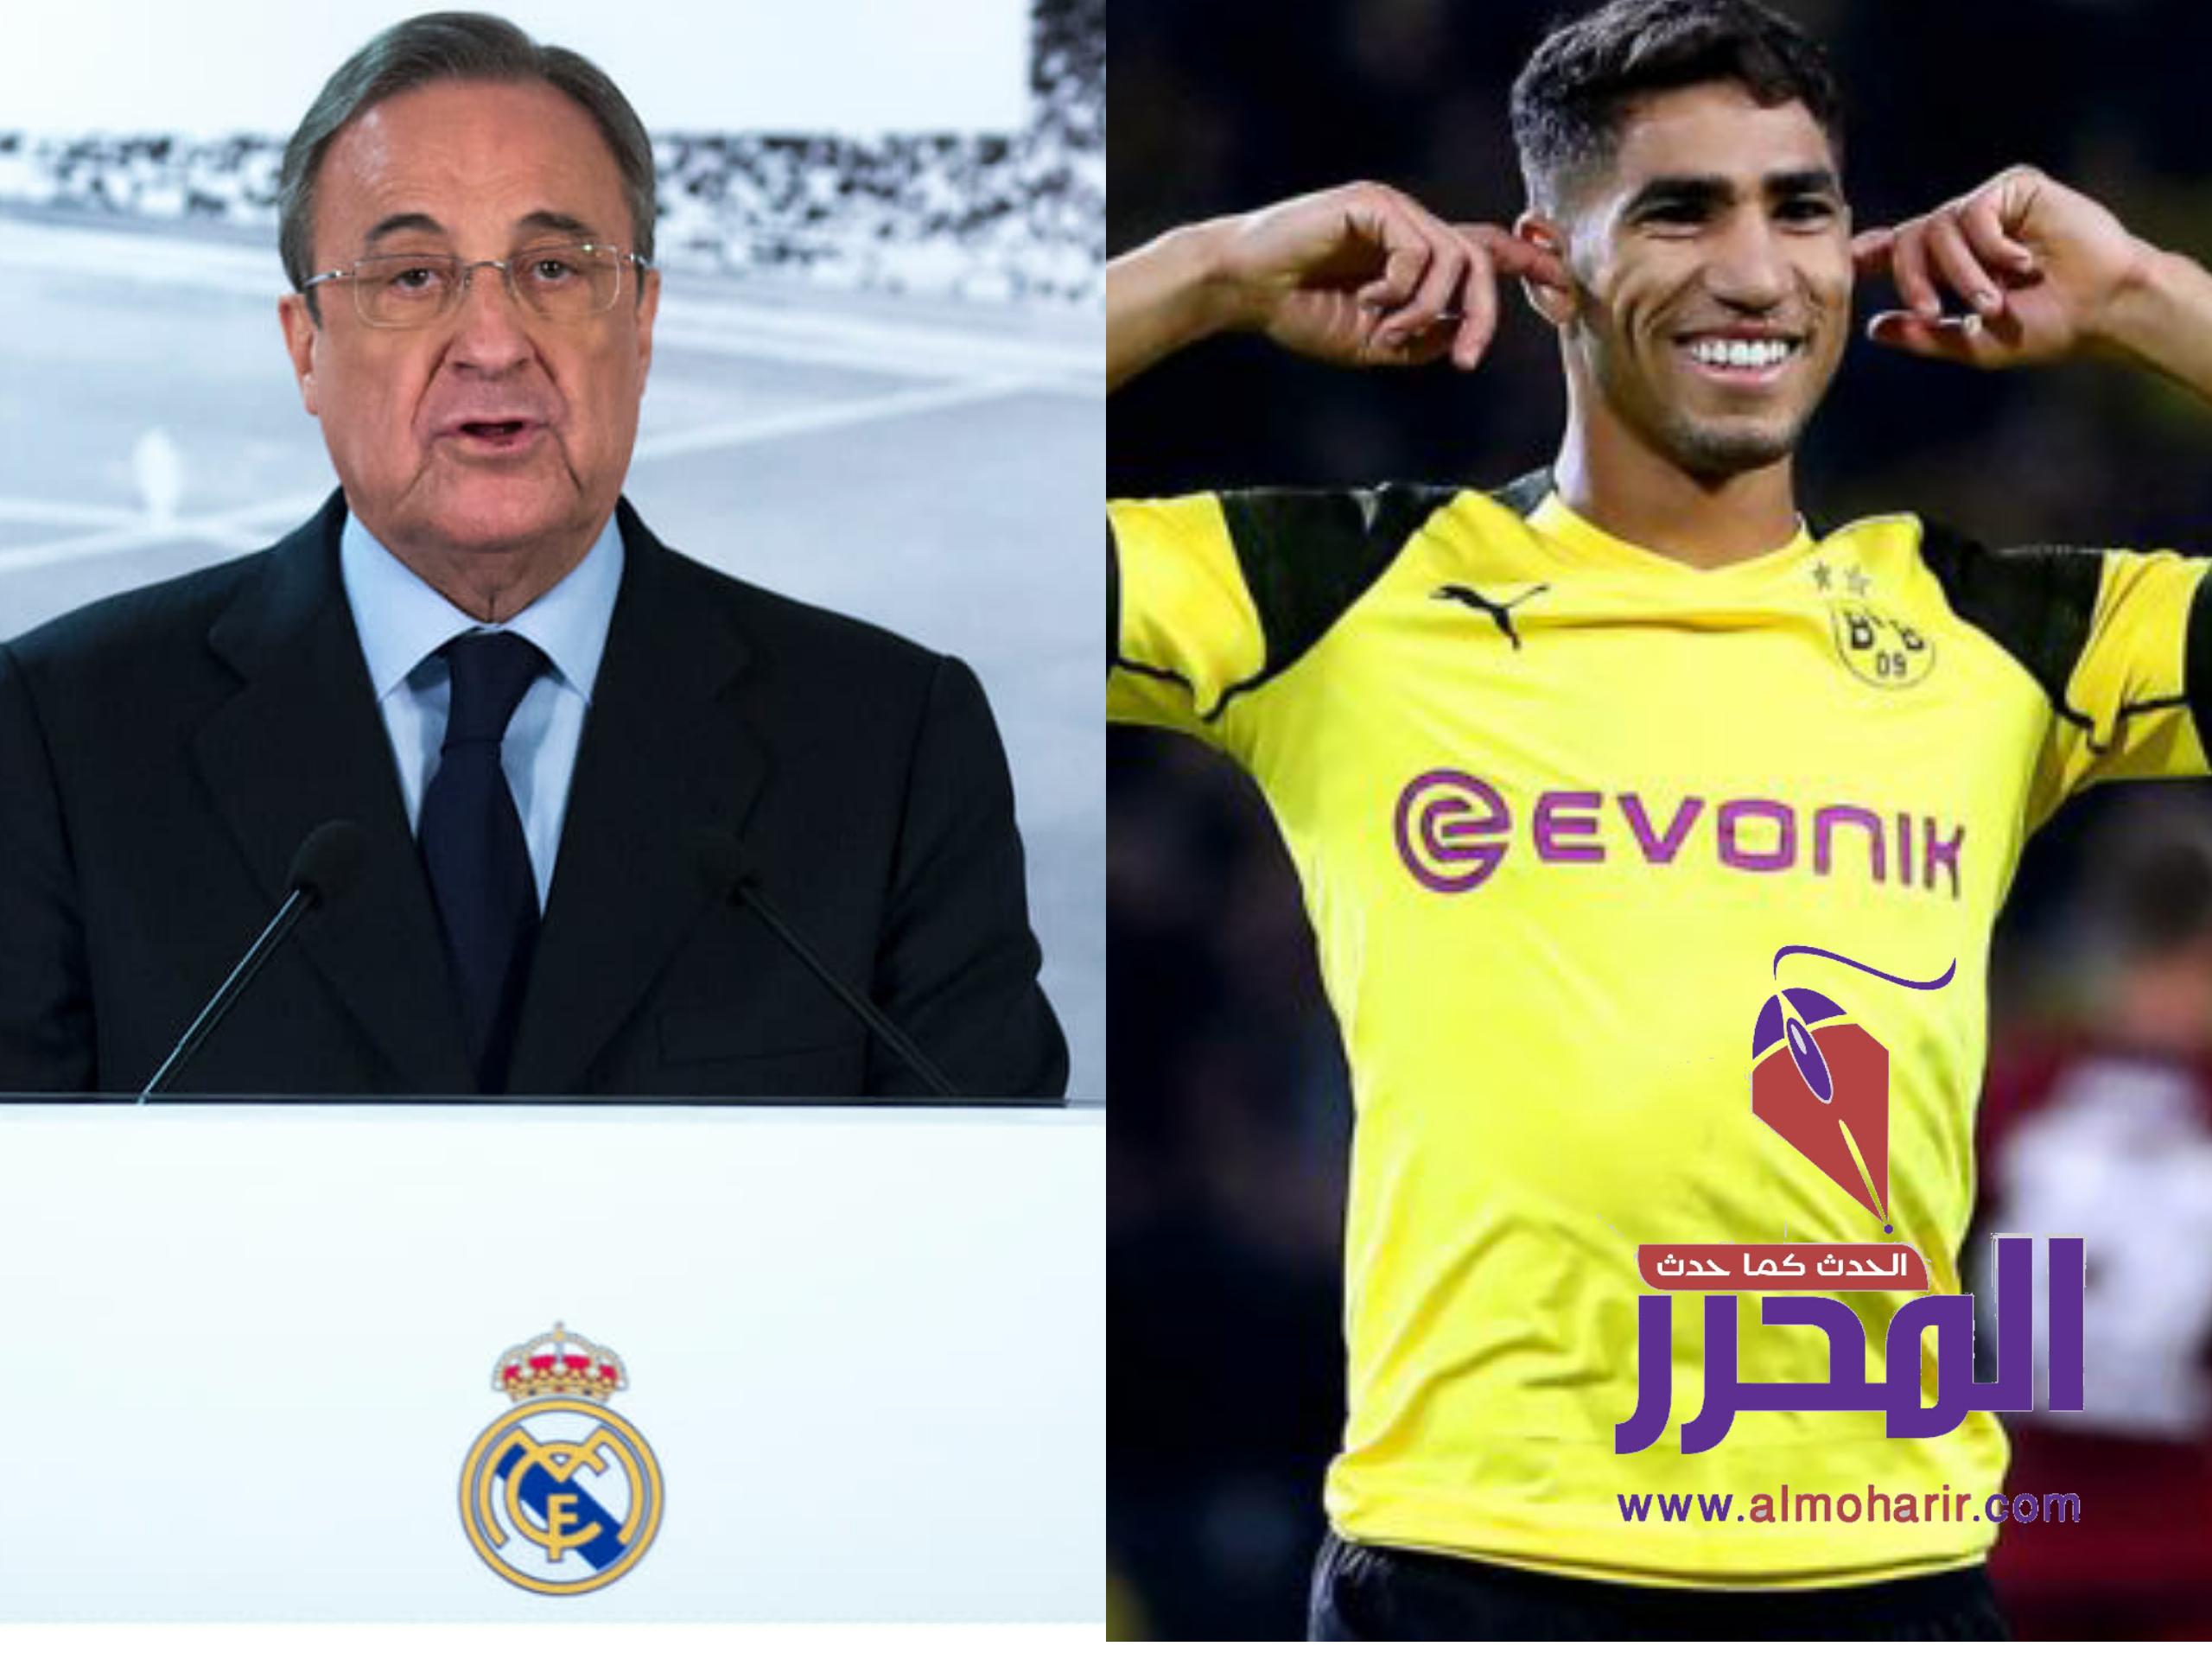 صورة أخيرا .. ريال مدريد يحسم غي بقاء حكيمي في دورتموند من عدمه !